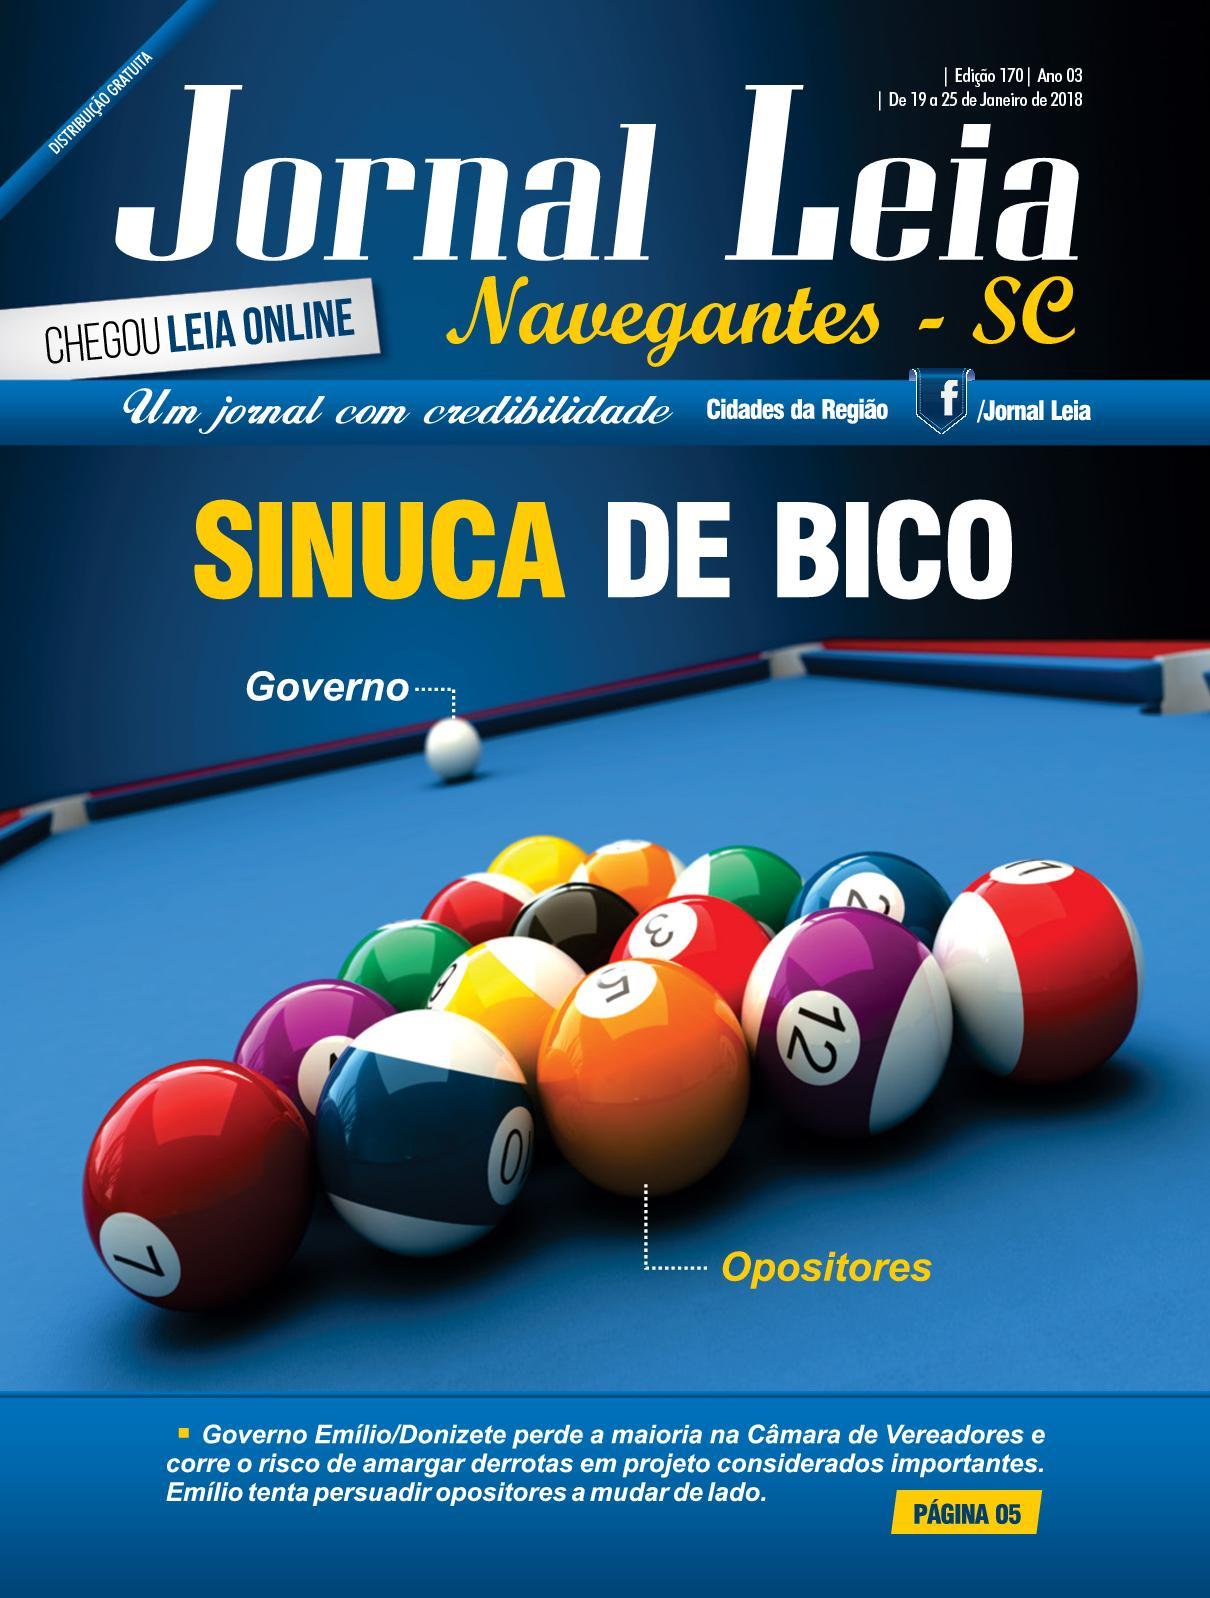 Jornal Leia - Edição Digital #170